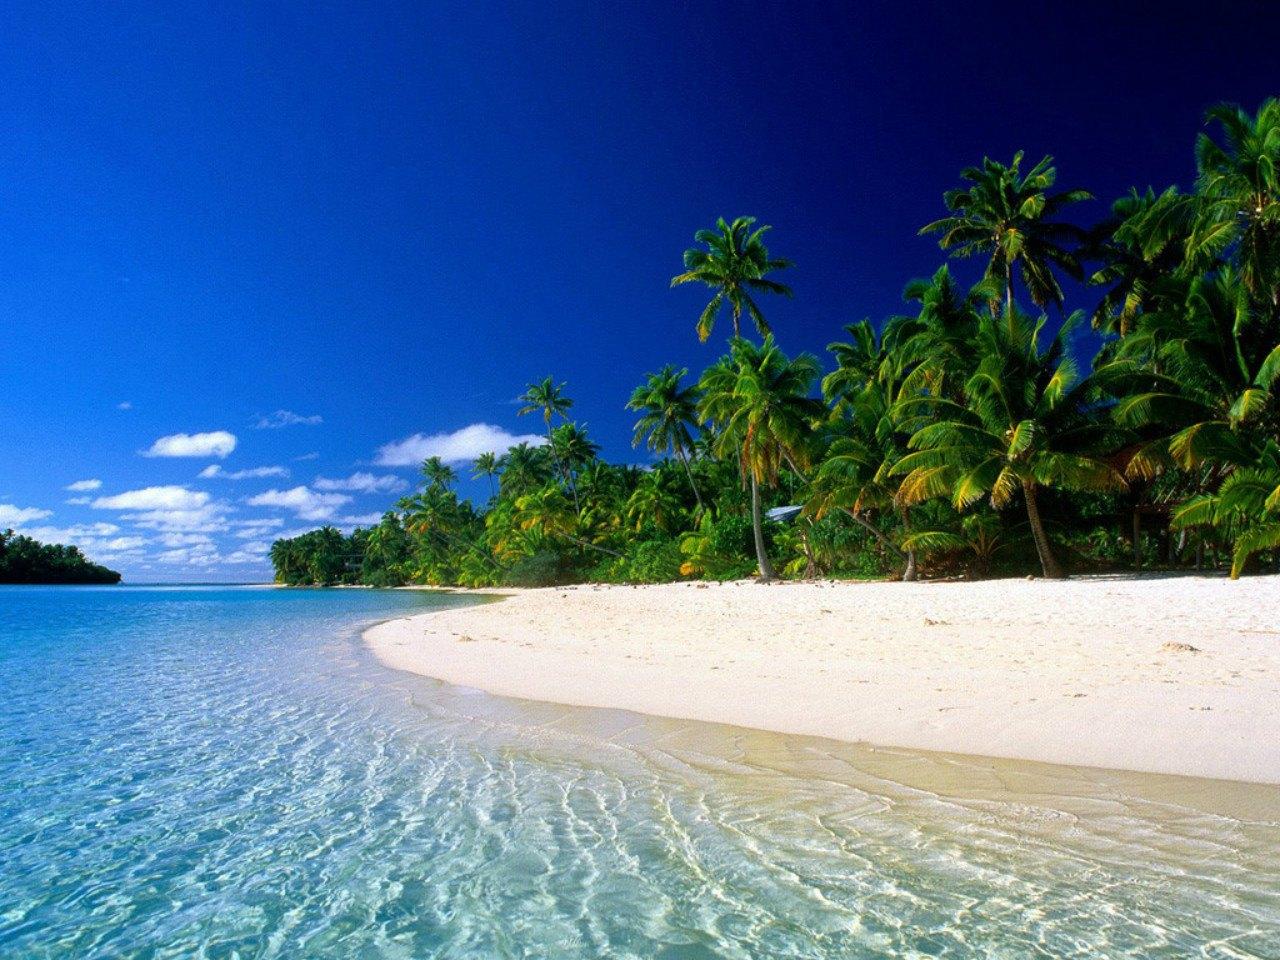 【魅力普吉】泰国蜜月岛 龙岛豪华游船一日游